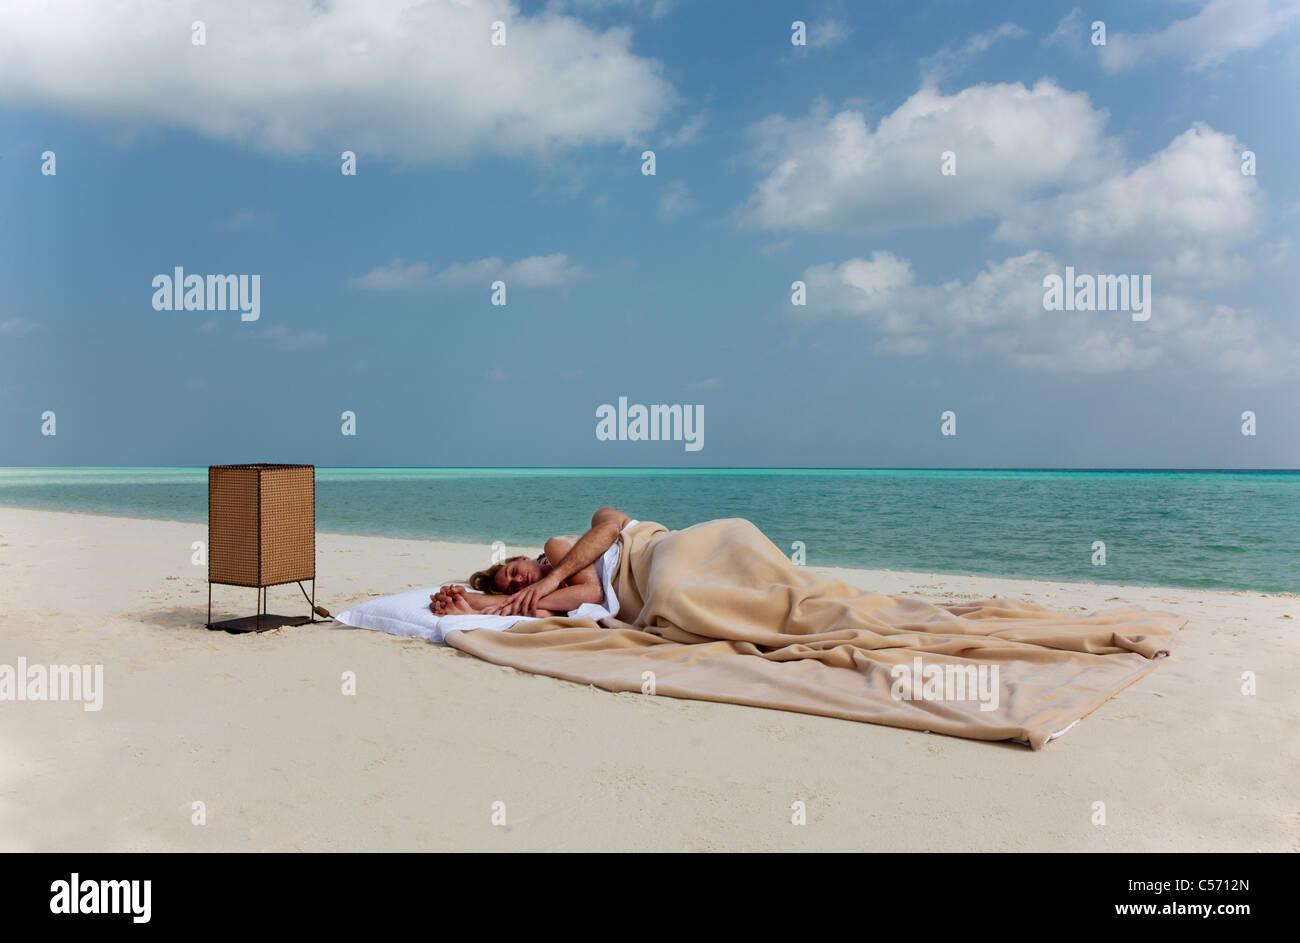 Paar Im Bett Am Strand Schlafen Stockfoto Bild 37648541 Alamy